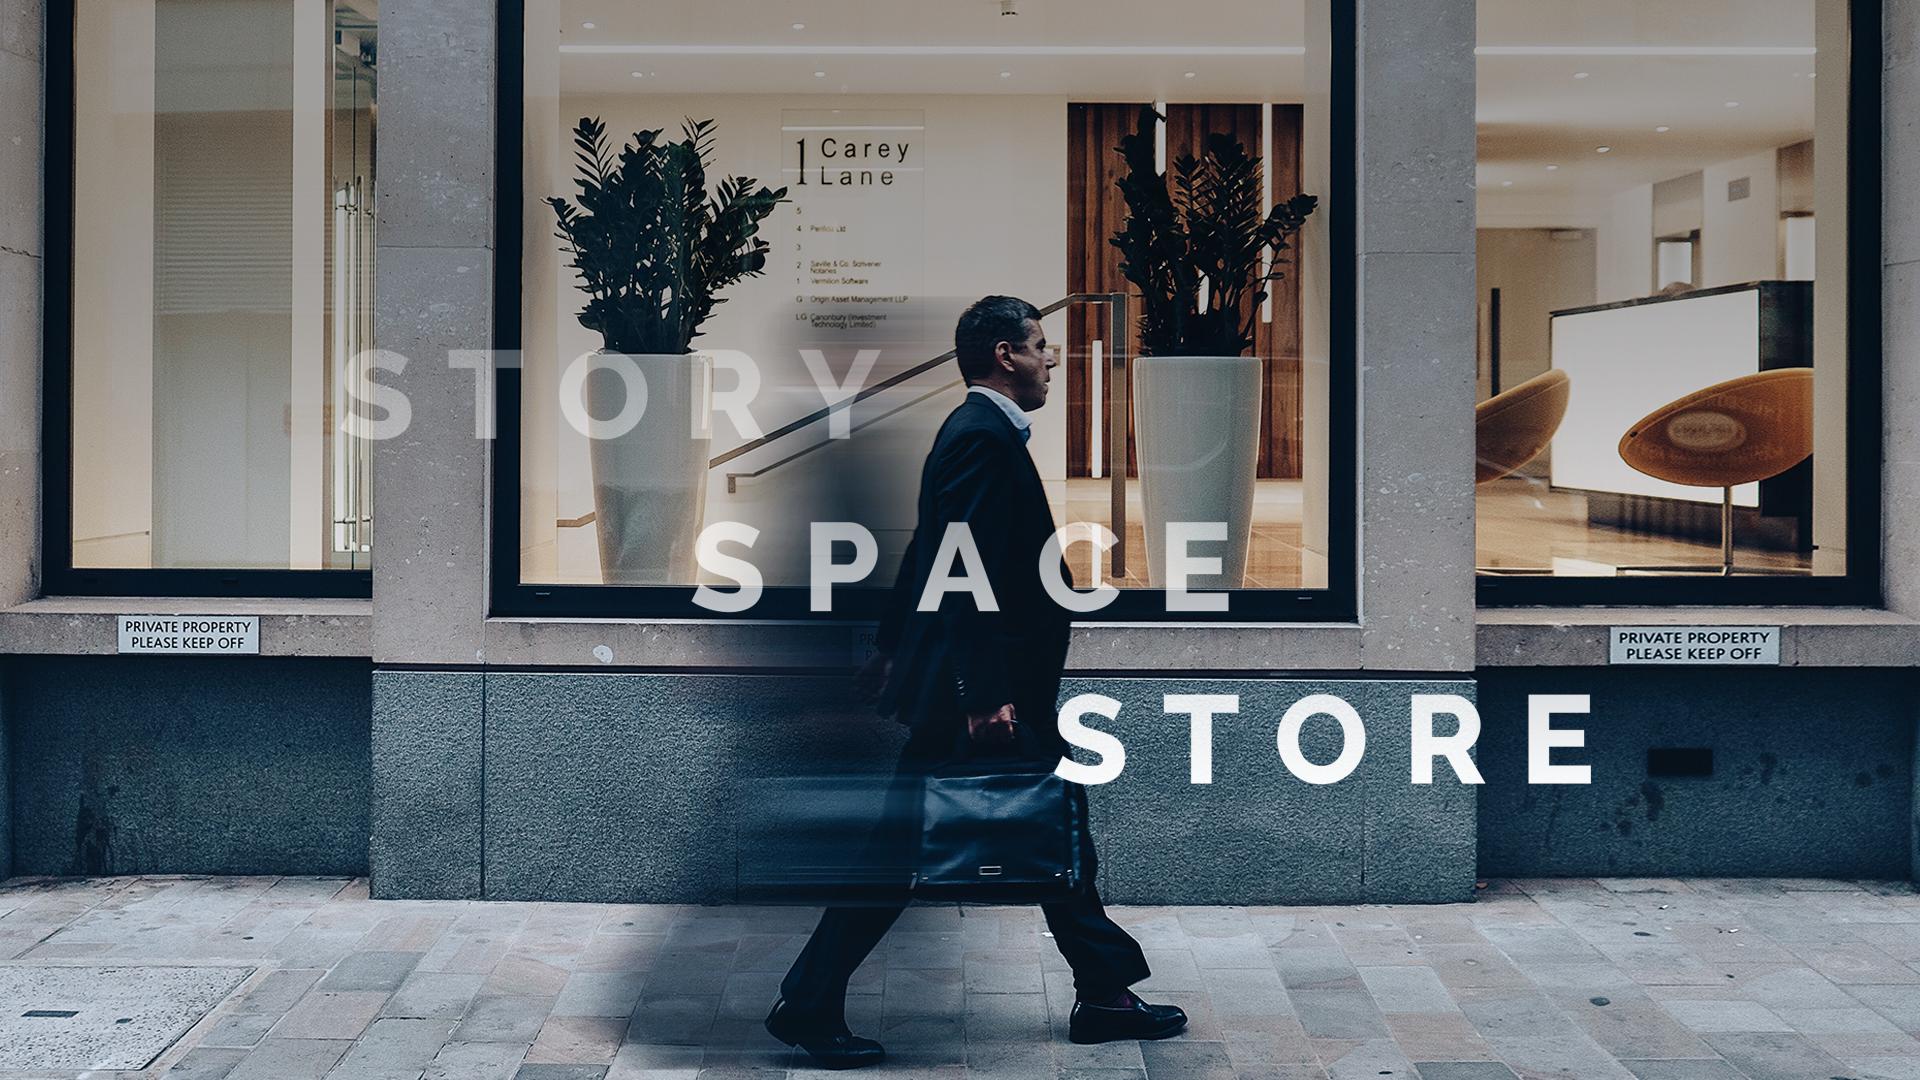 브랜드가 전하고 싶은 이야기 feat.공간 #핫플레이스 #공간디자인 #플래그십스토어